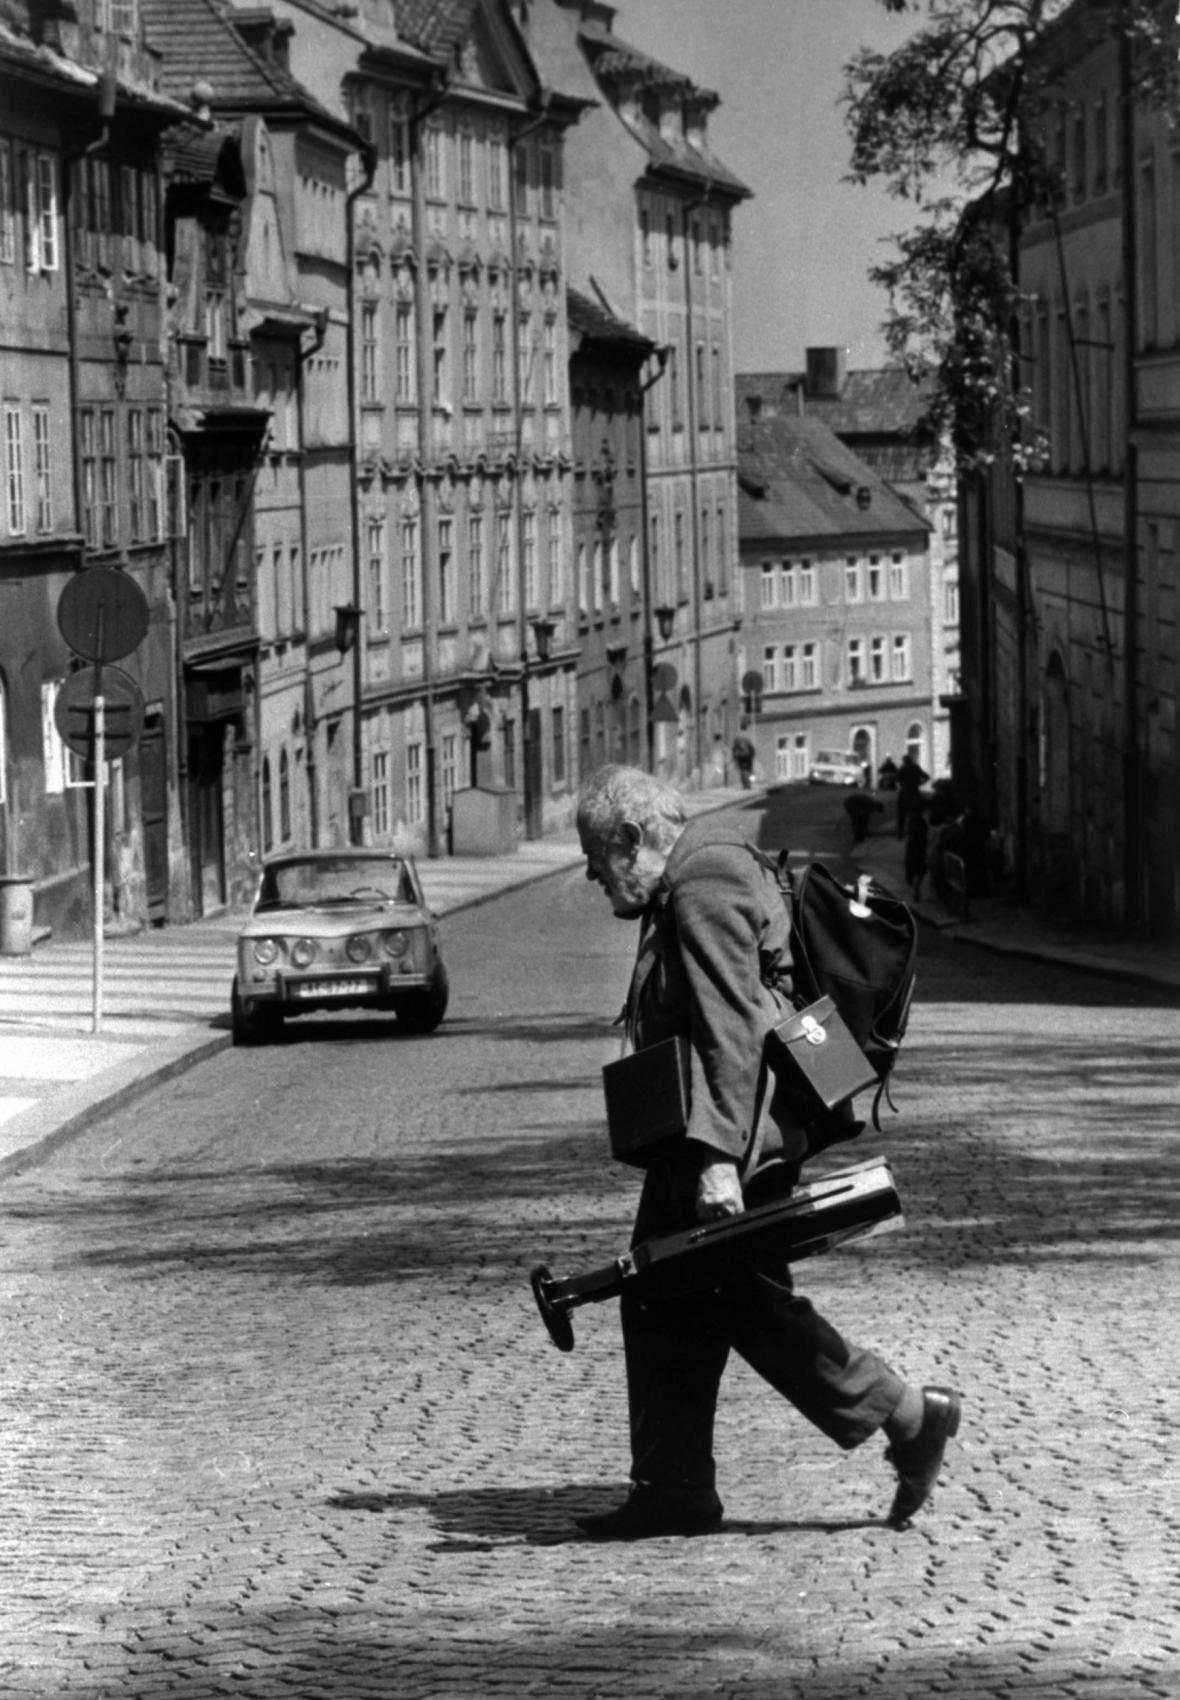 Od narození fotografa Josefa Sudka uplynulo 125 let